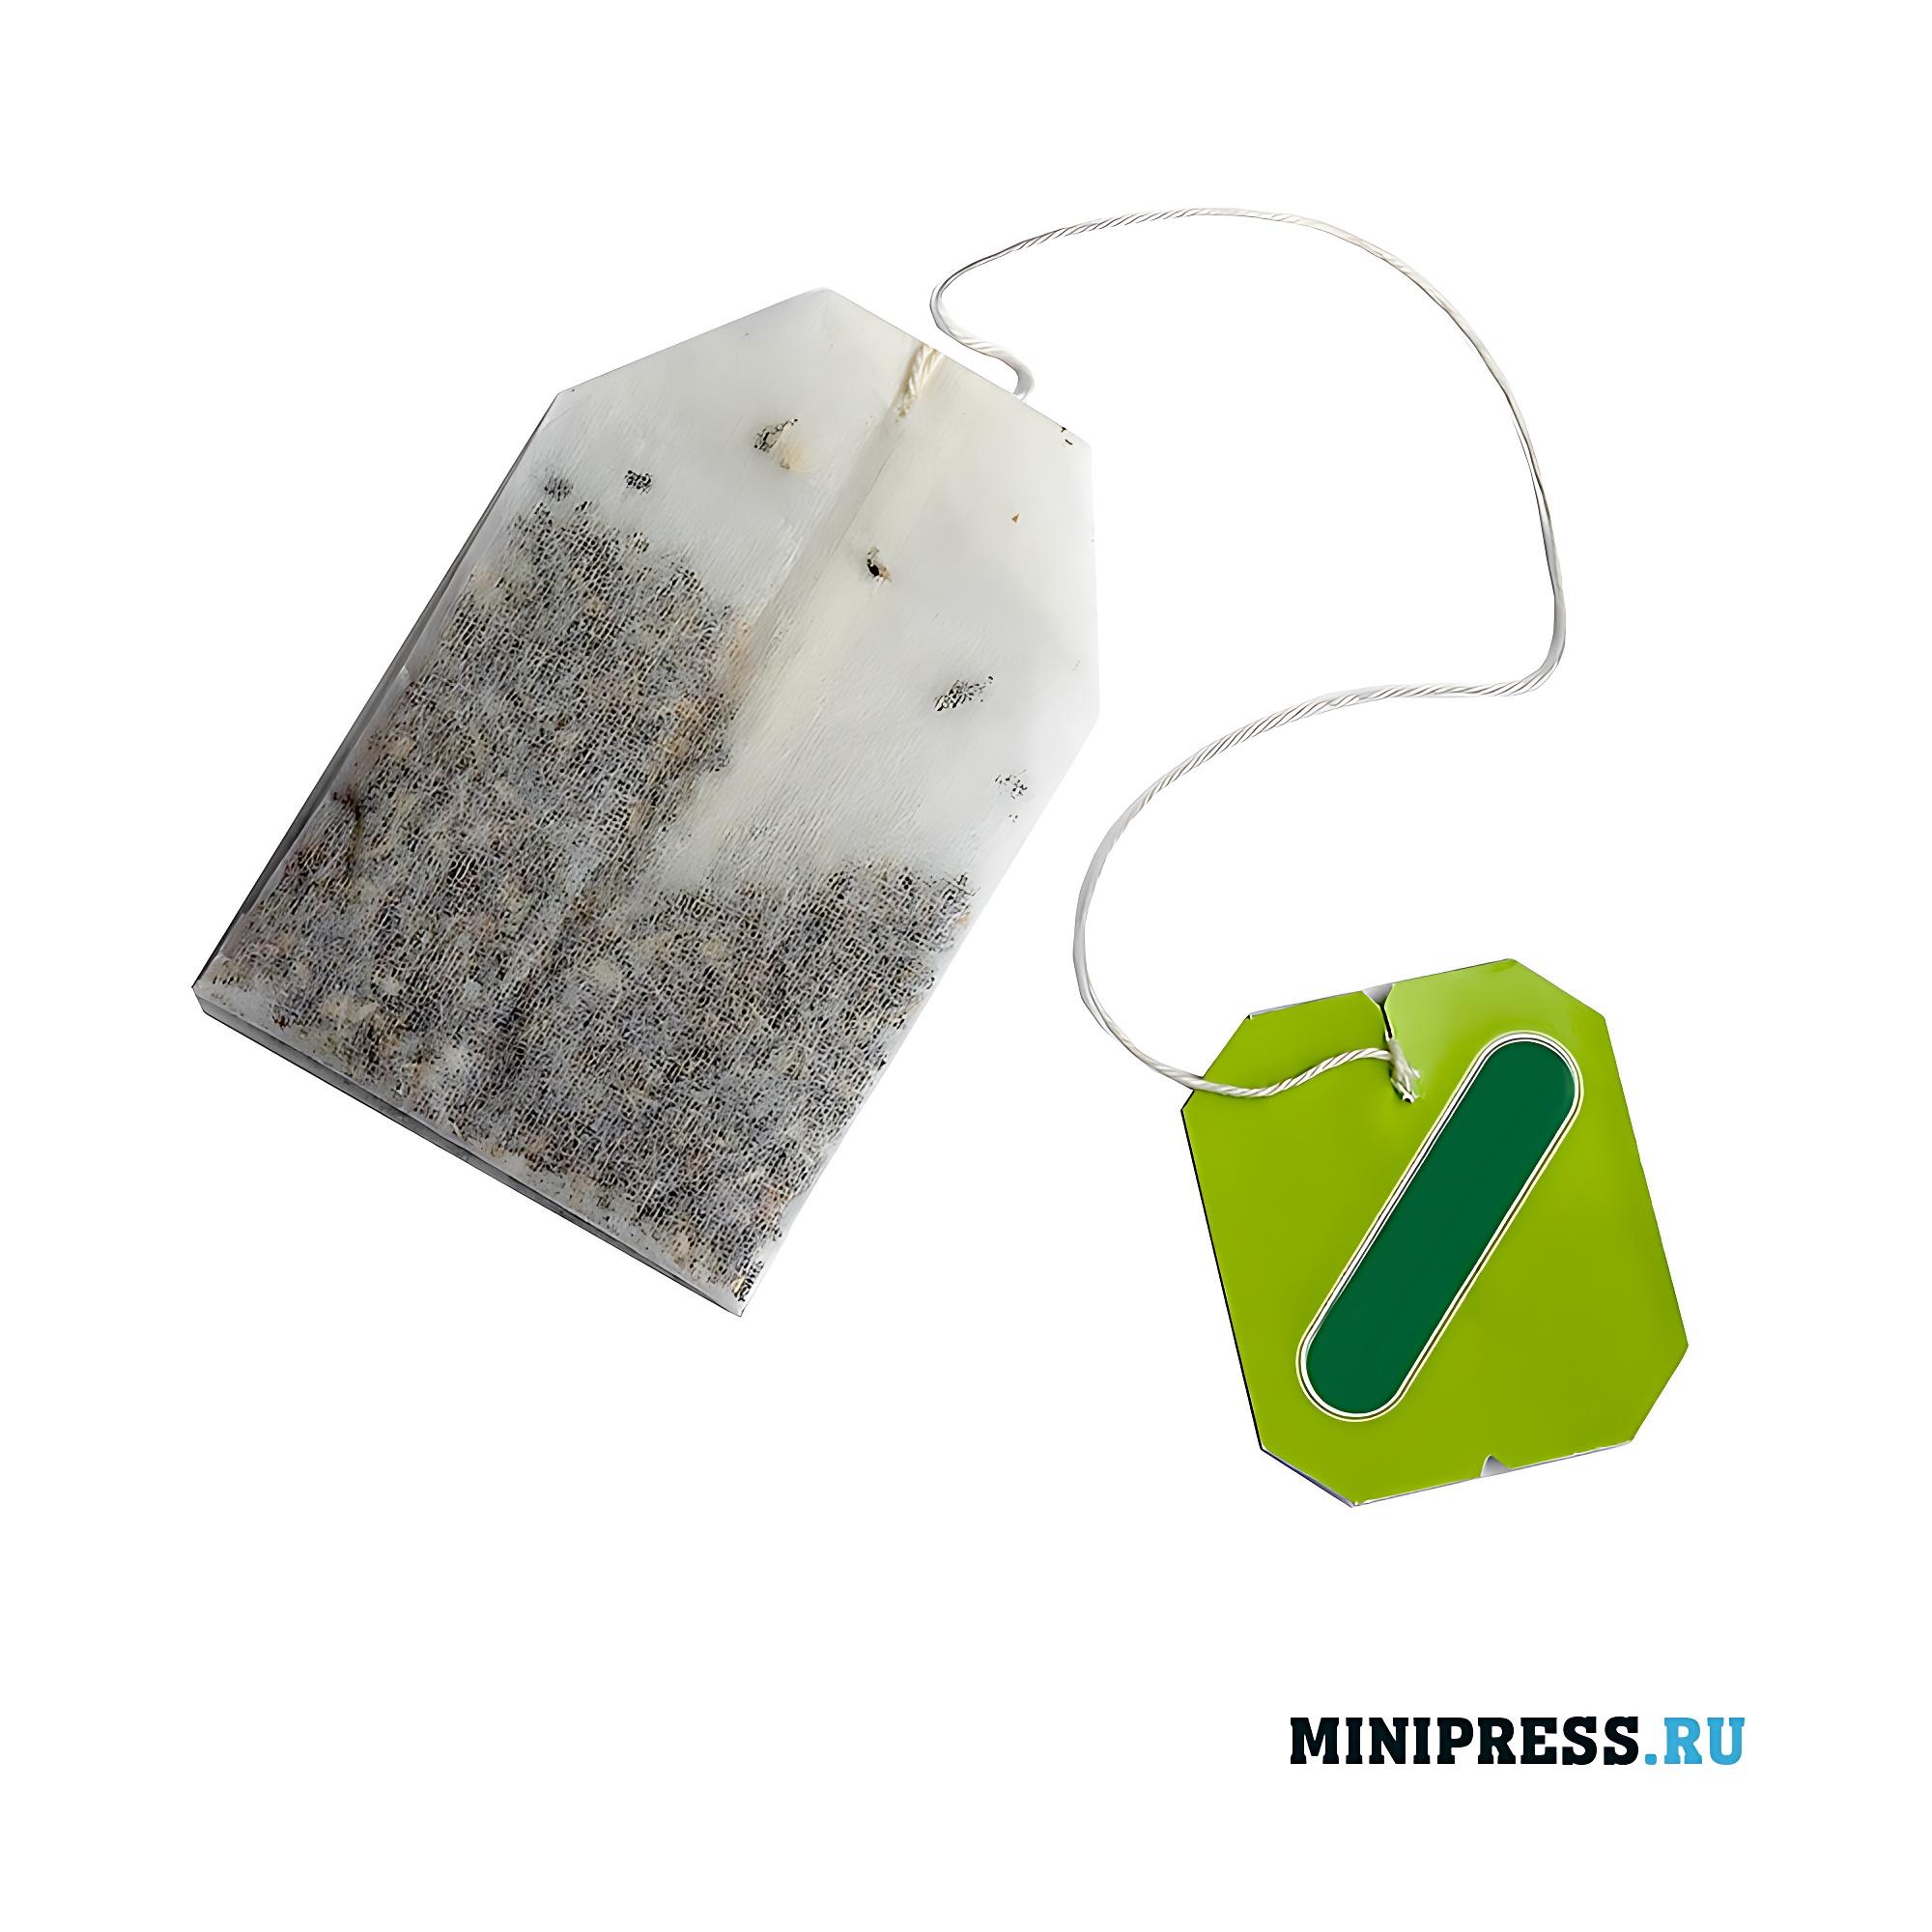 Оборудование для фасовки и упаковки чайного пакетика в конверт